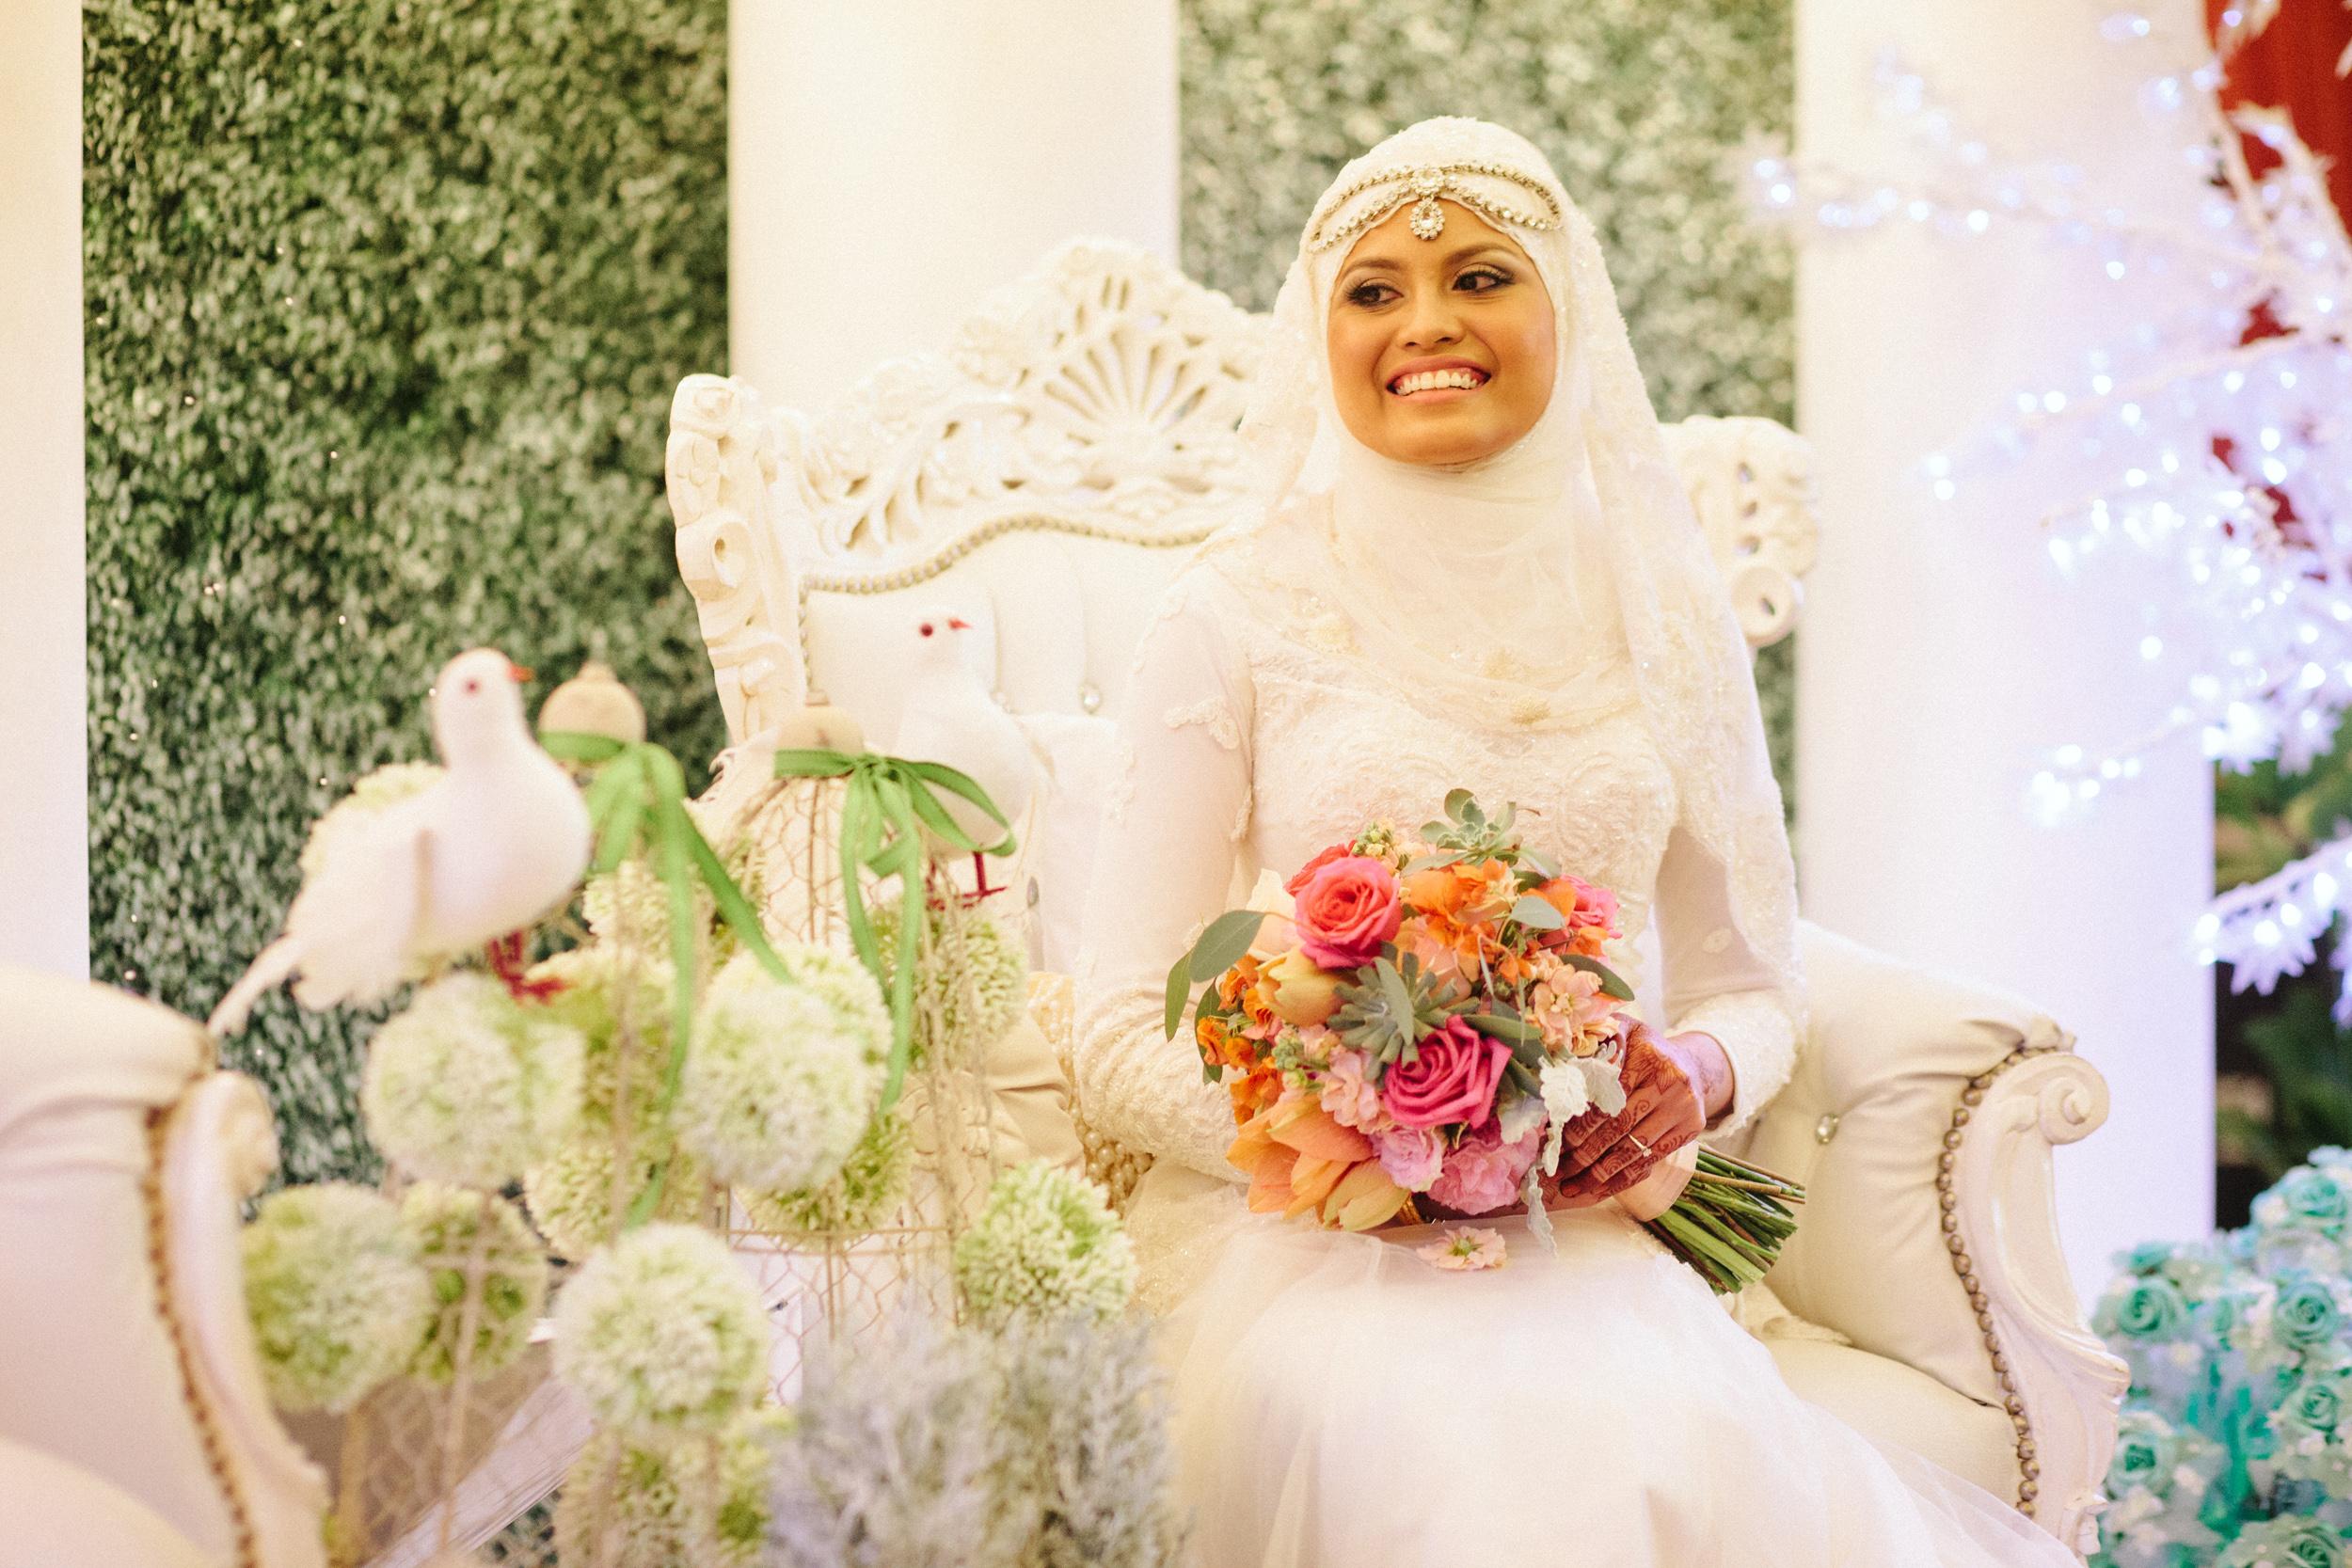 singapore-wedding-photographer-wemadethese-shikin-yanho-026.jpg